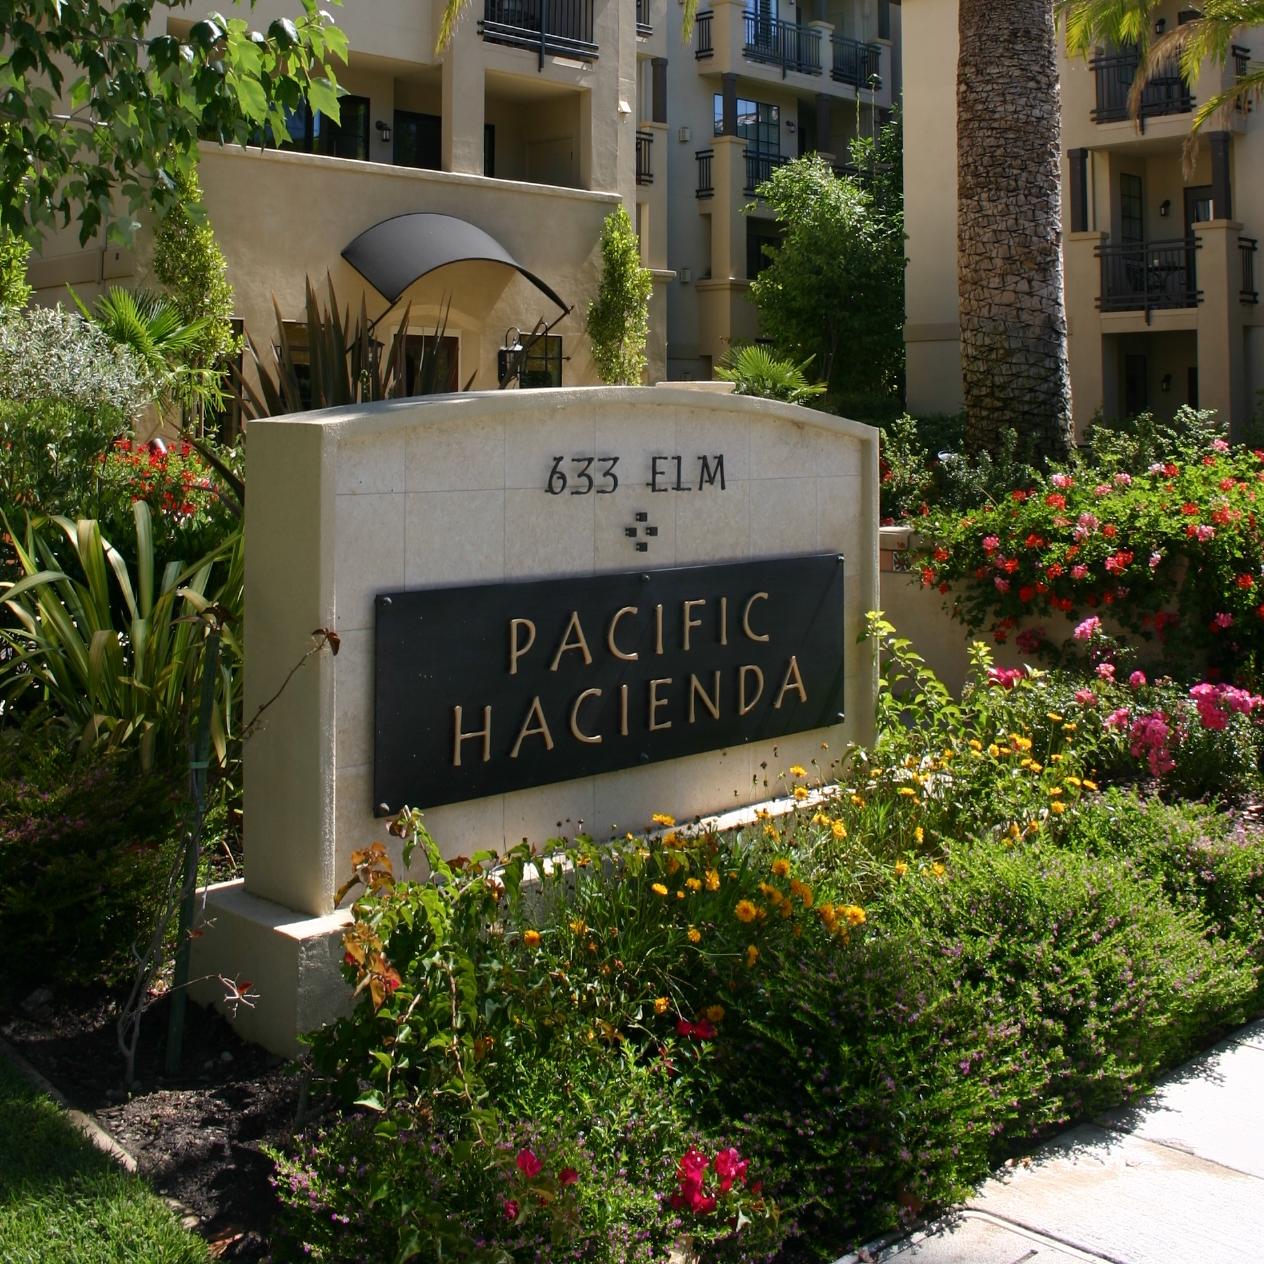 pacific hacienda1-MAIN copy 2.JPG